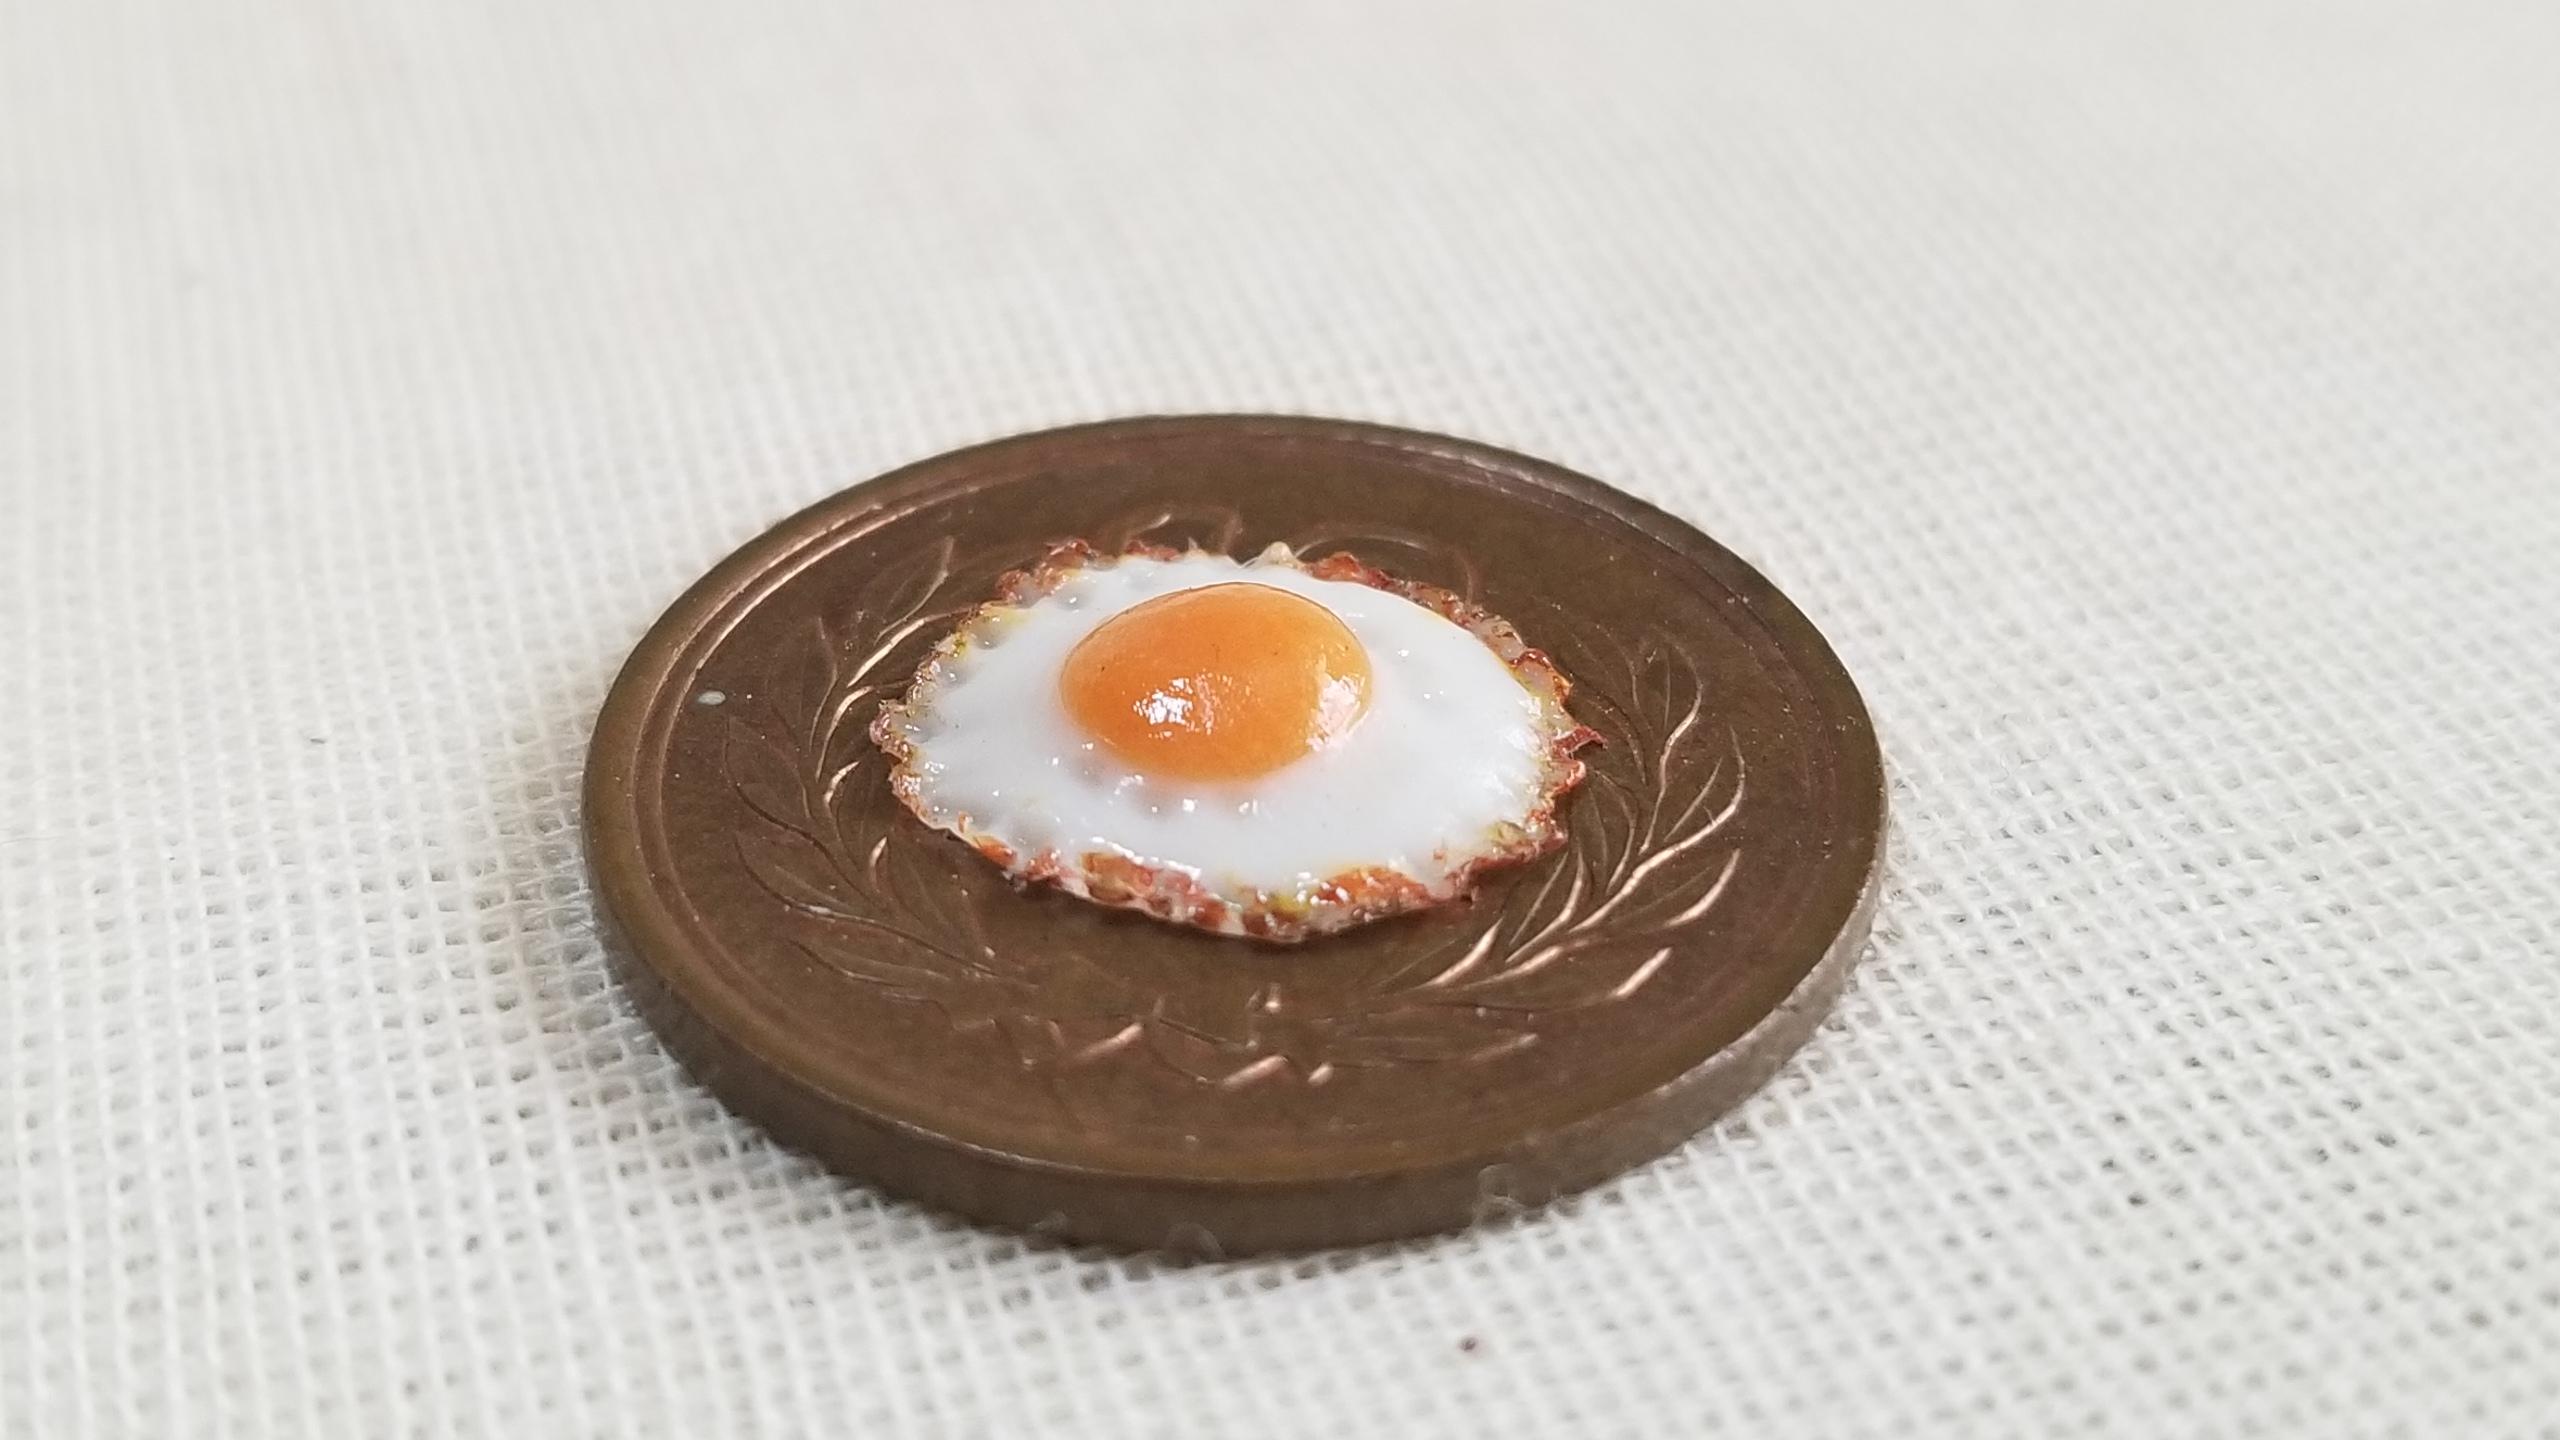 ミニチュアフードの目玉焼き,ミニチュアの作り方,焦げ目,質感,粘土で